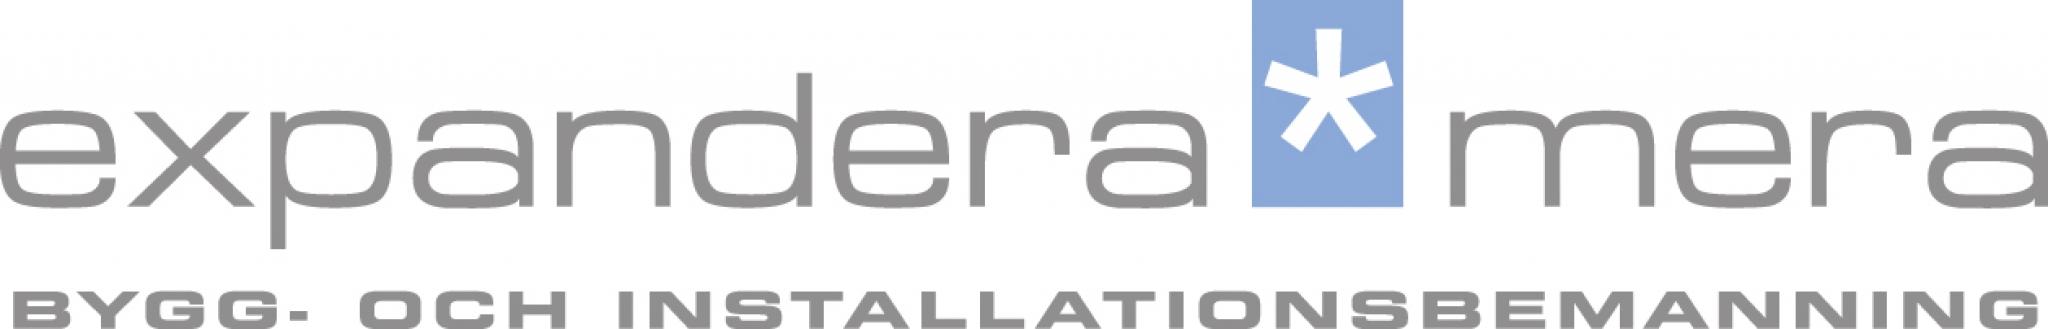 ExpanderaMera söker yrkesarbetare till ett flertal kunder